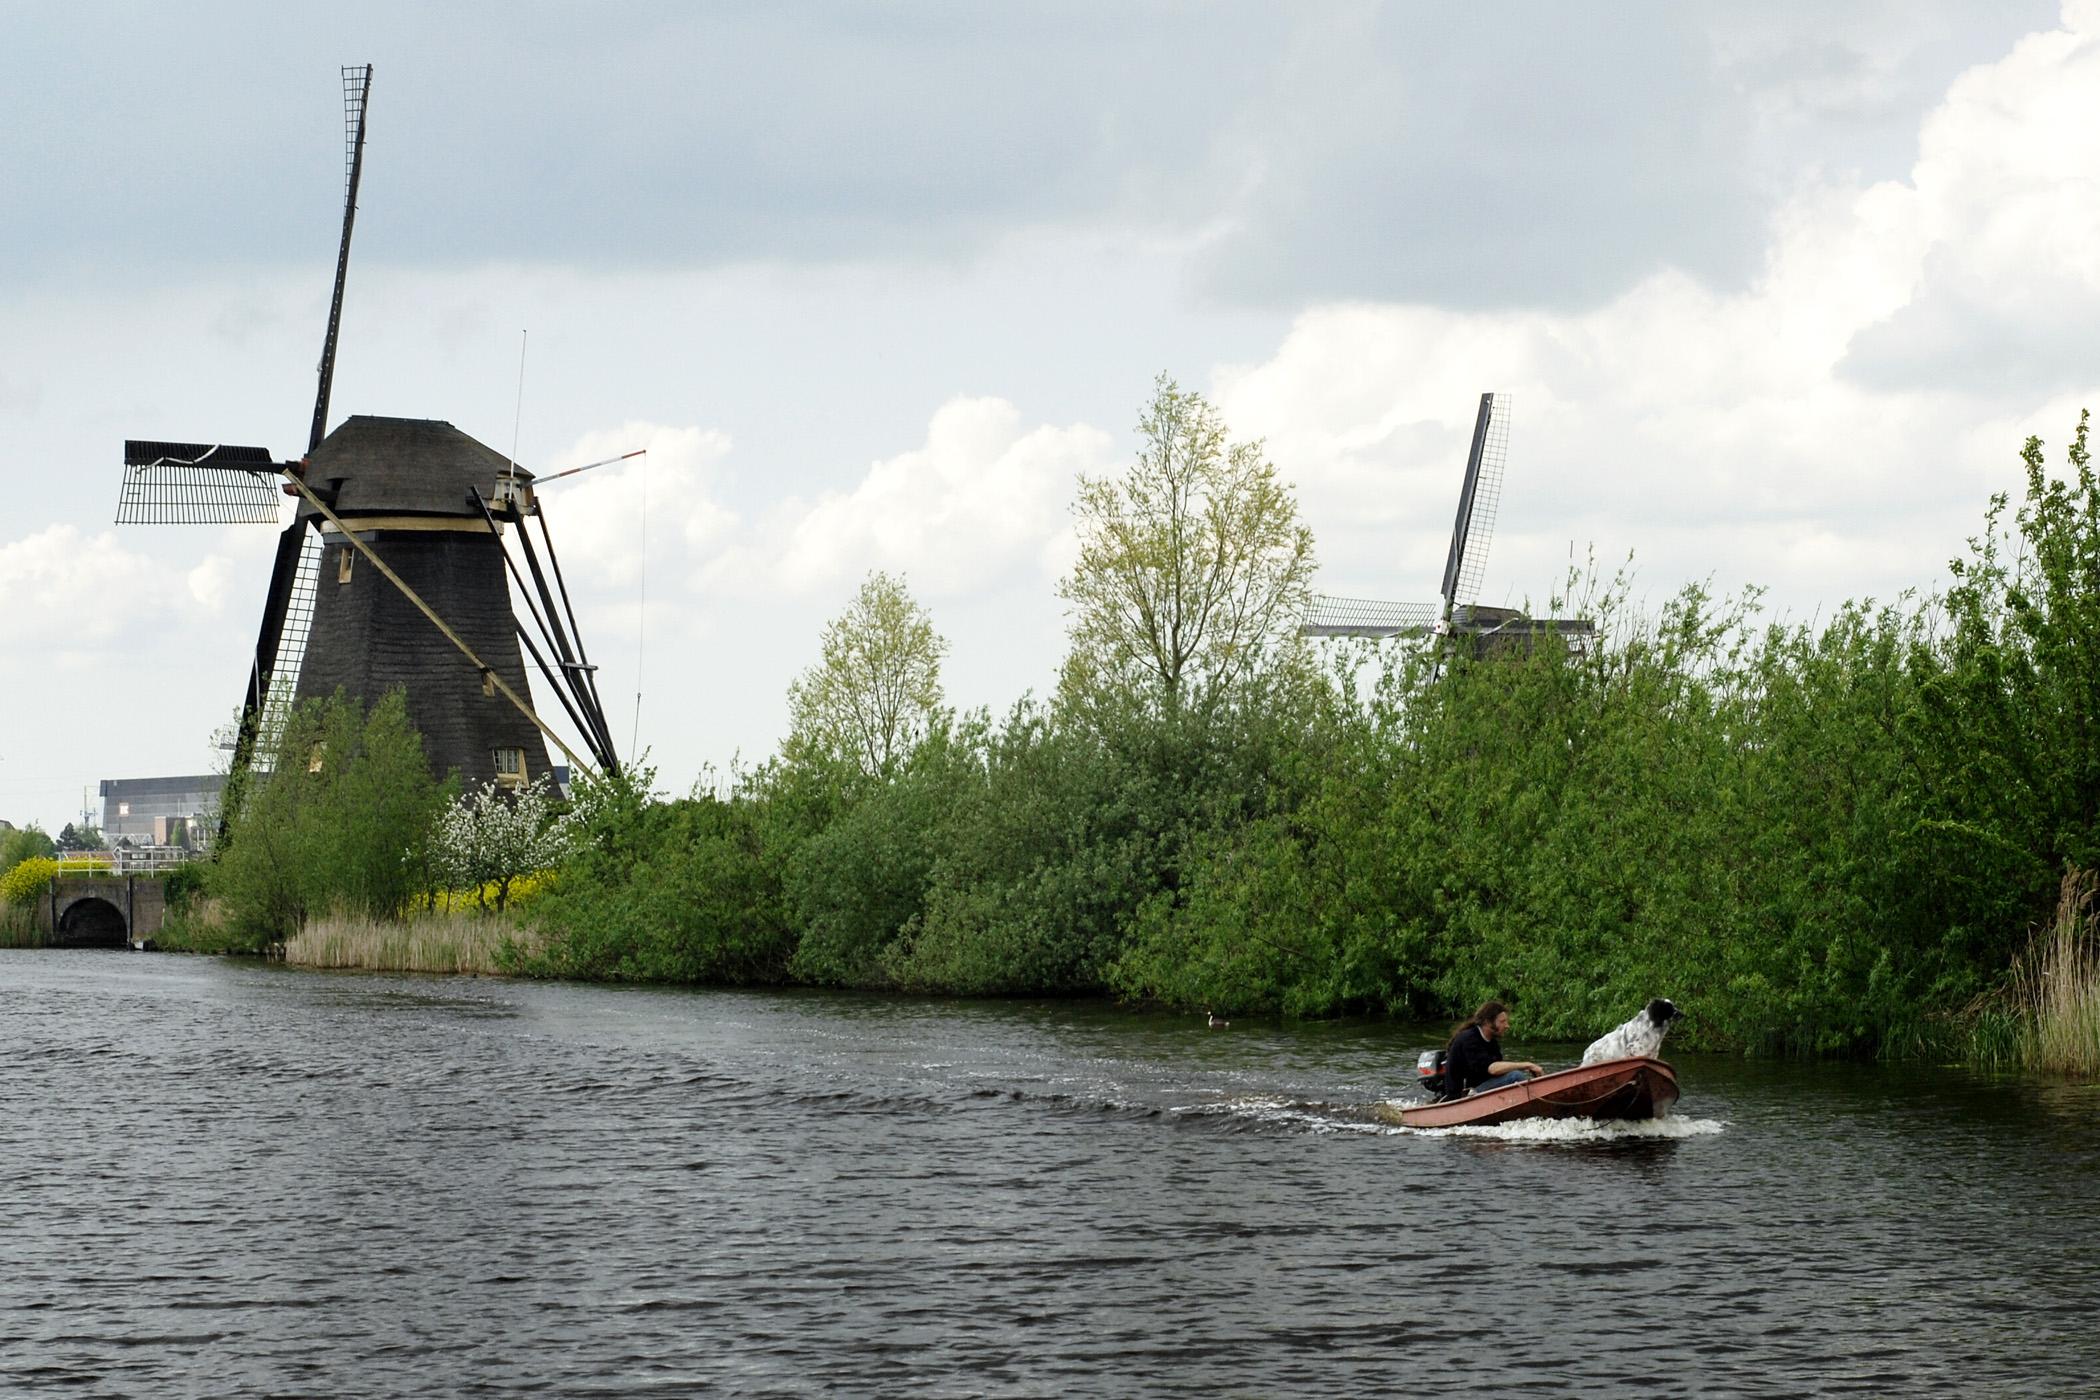 Nizozemsko si nedokážeme představit bez větrných mlýnů a vodních kanálů